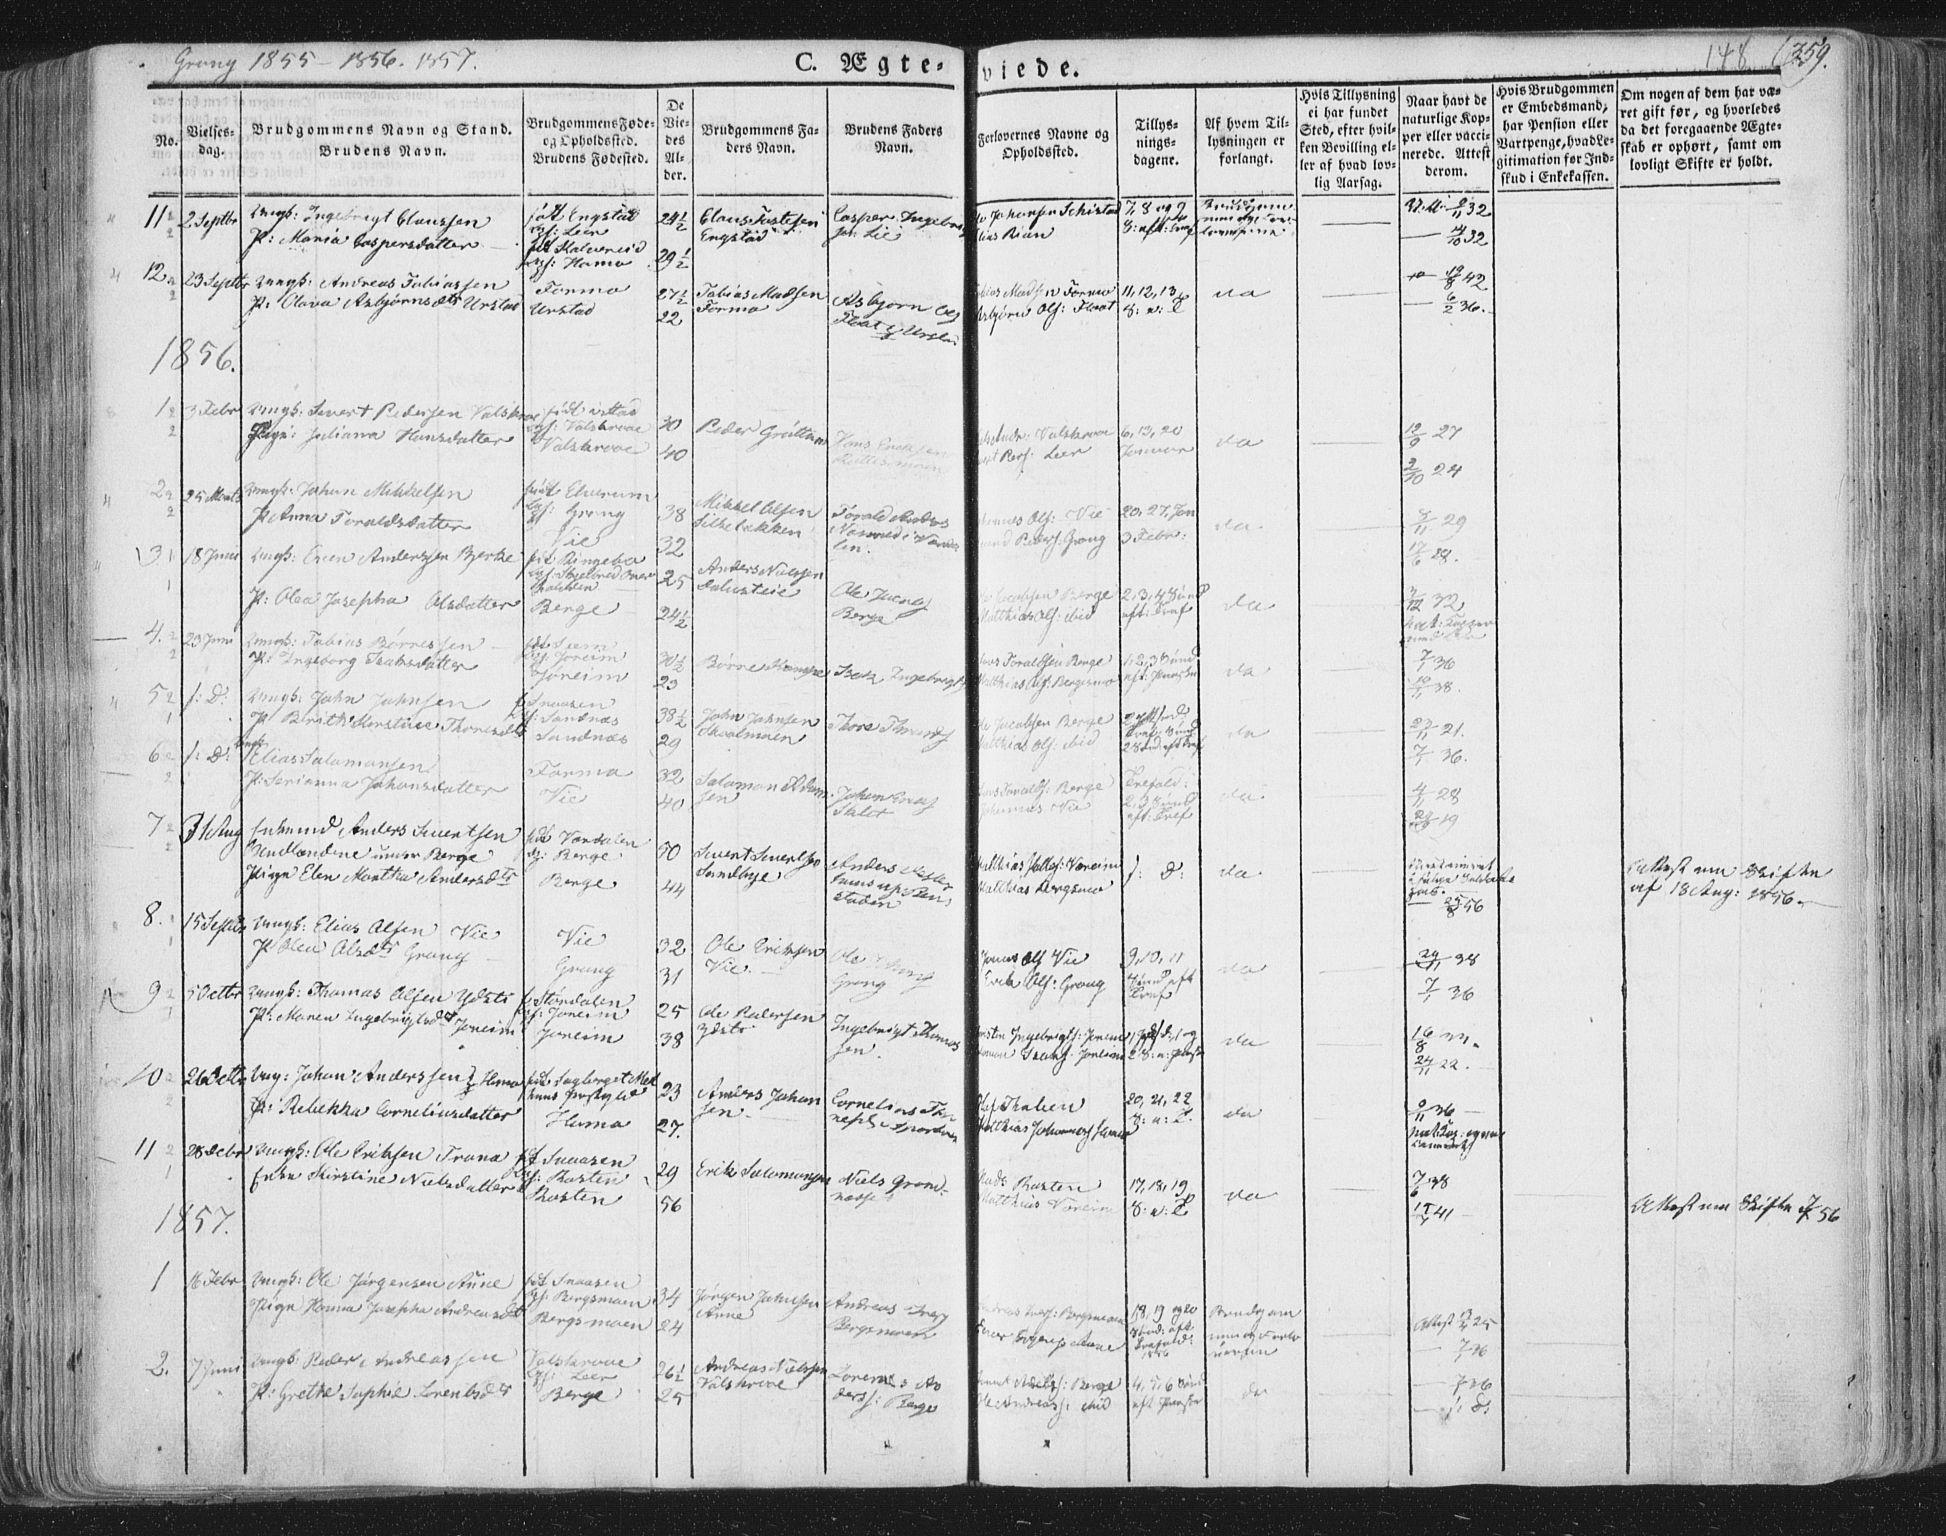 SAT, Ministerialprotokoller, klokkerbøker og fødselsregistre - Nord-Trøndelag, 758/L0513: Ministerialbok nr. 758A02 /1, 1839-1868, s. 148